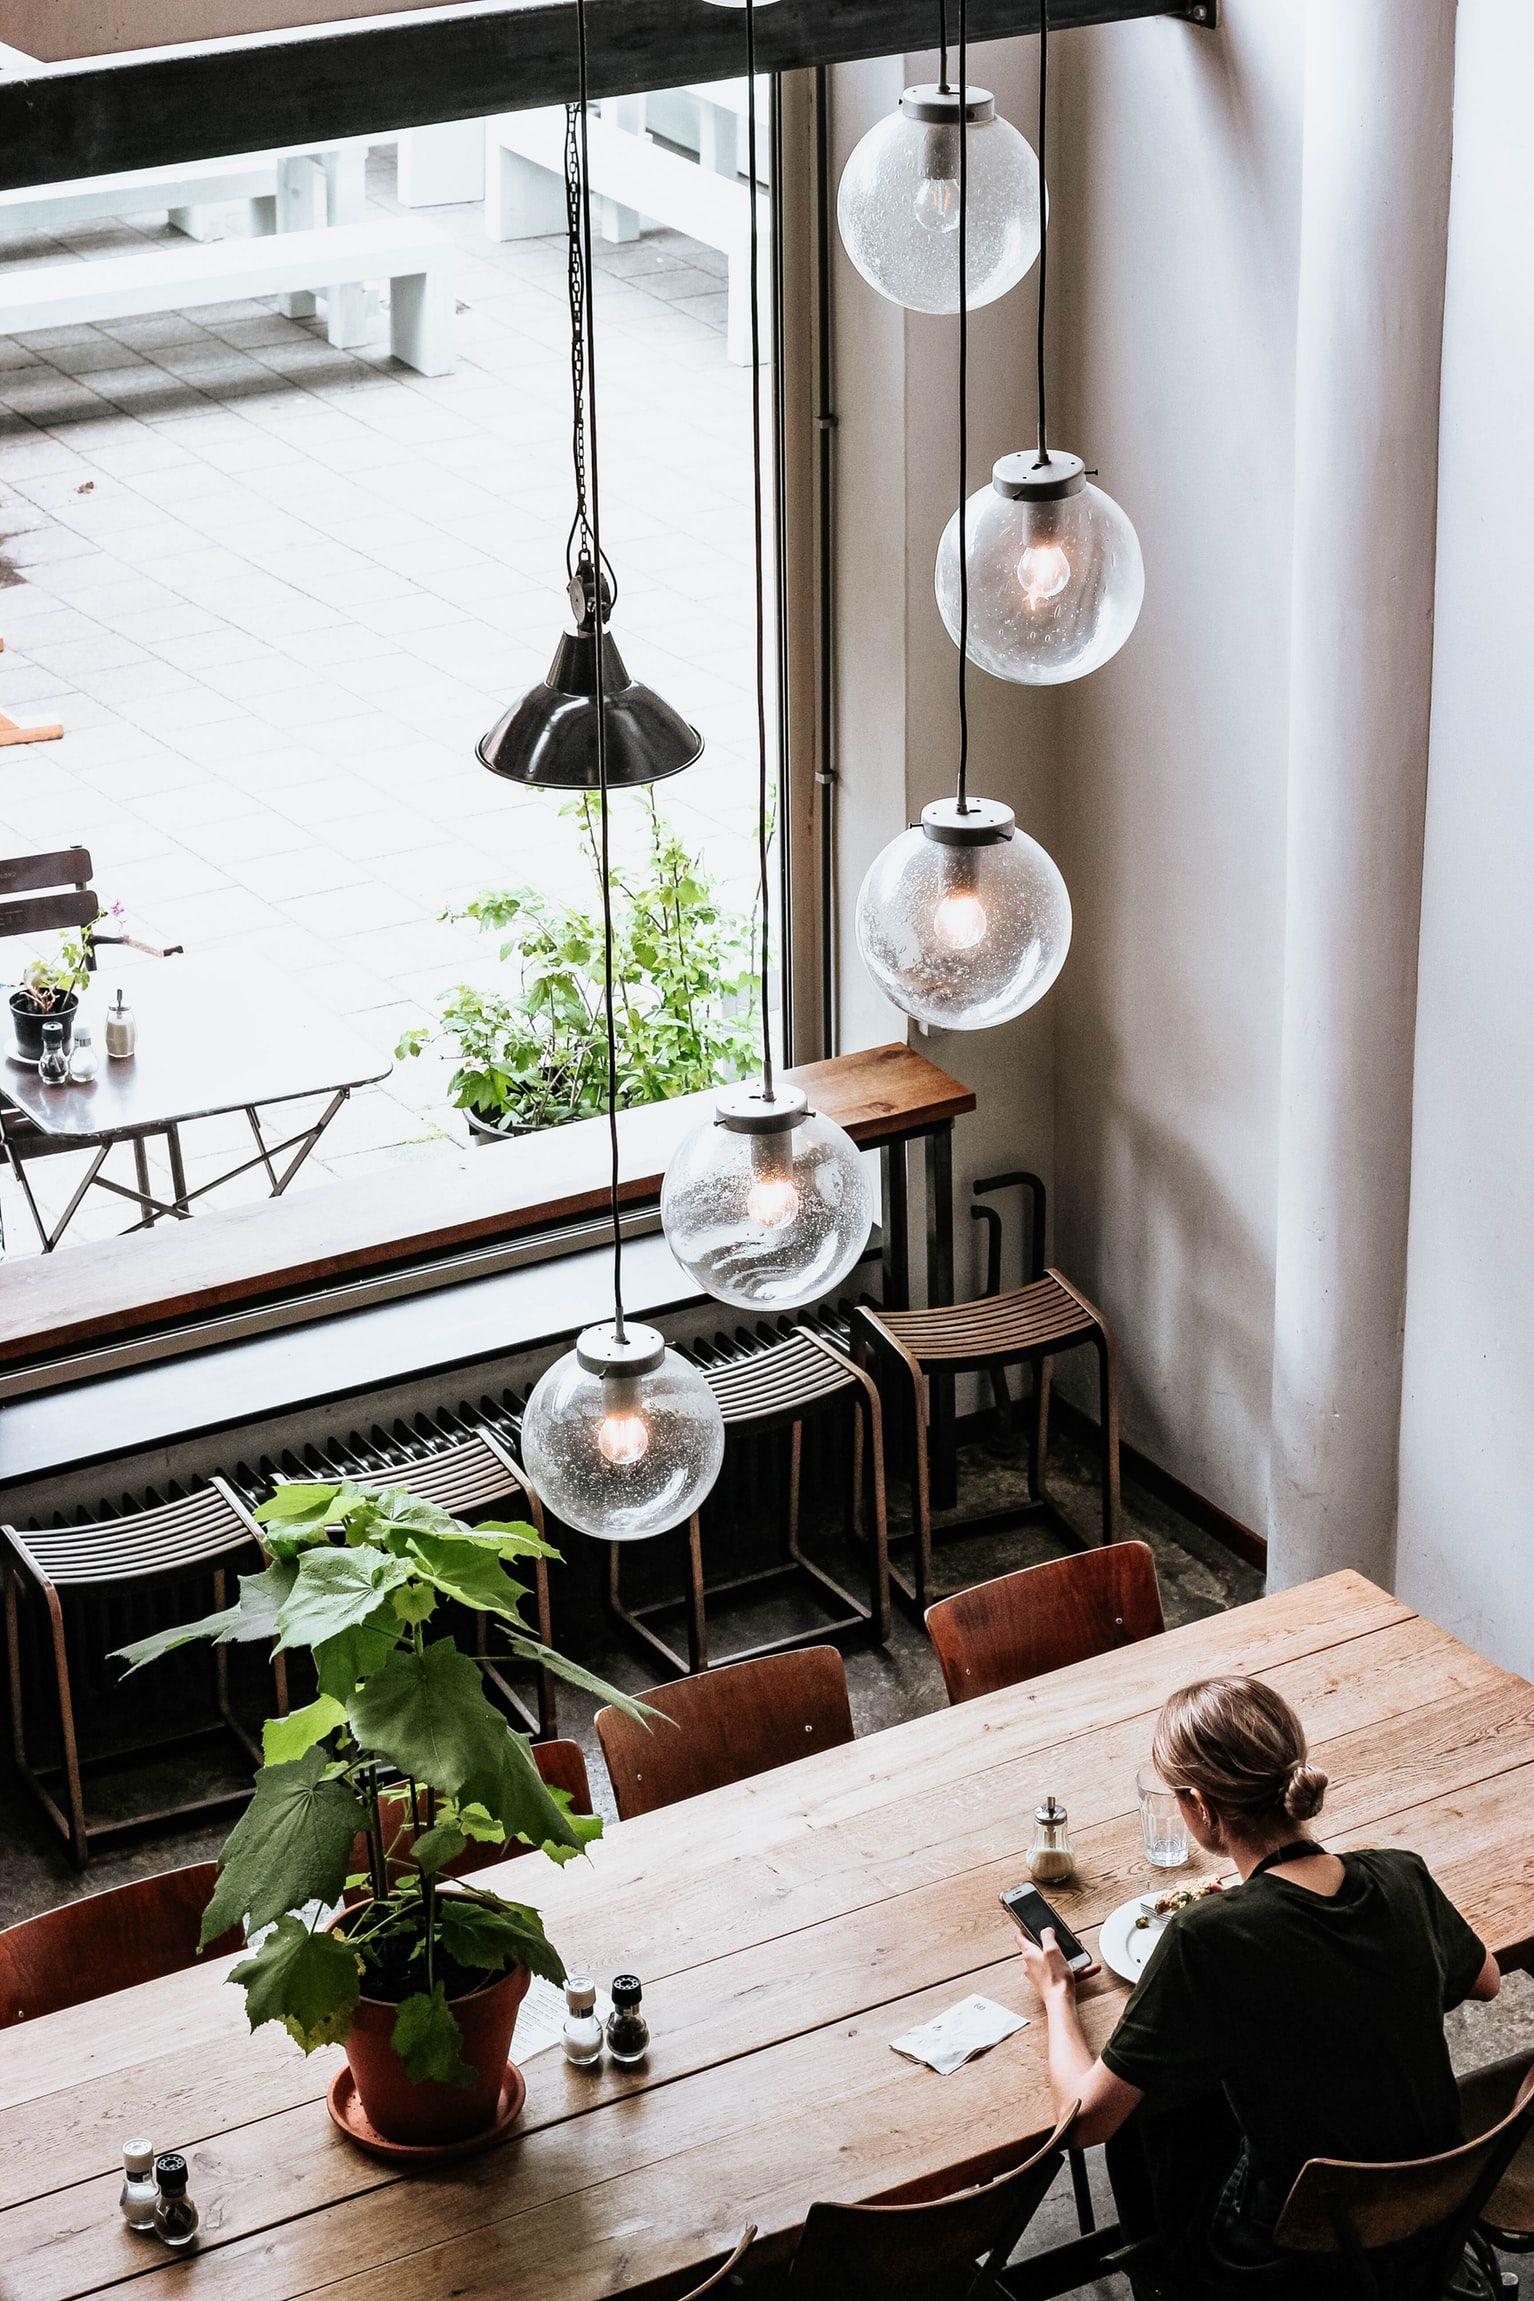 Hanging Lights For Cafe Decor Living Room Images Cafe Lights High Ceiling Living Room